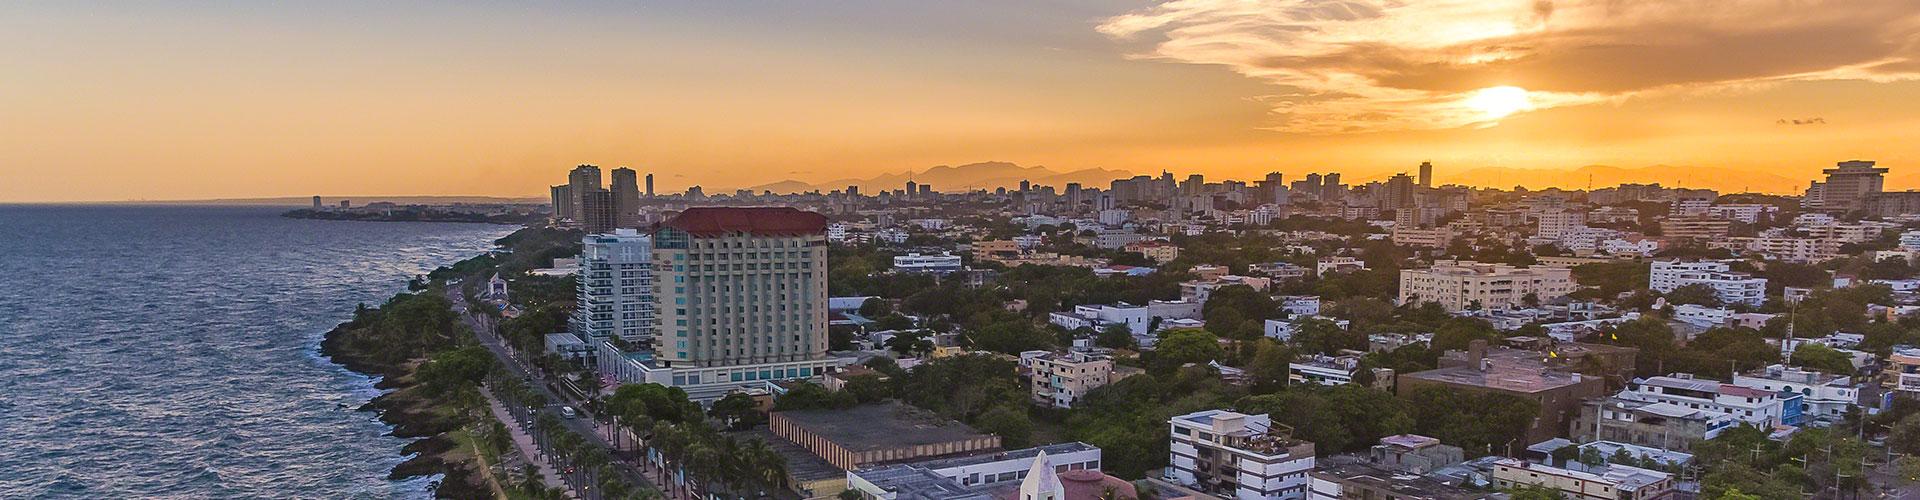 Urlaub Santo Domingo an der Südküste der Dominikanischen Republik